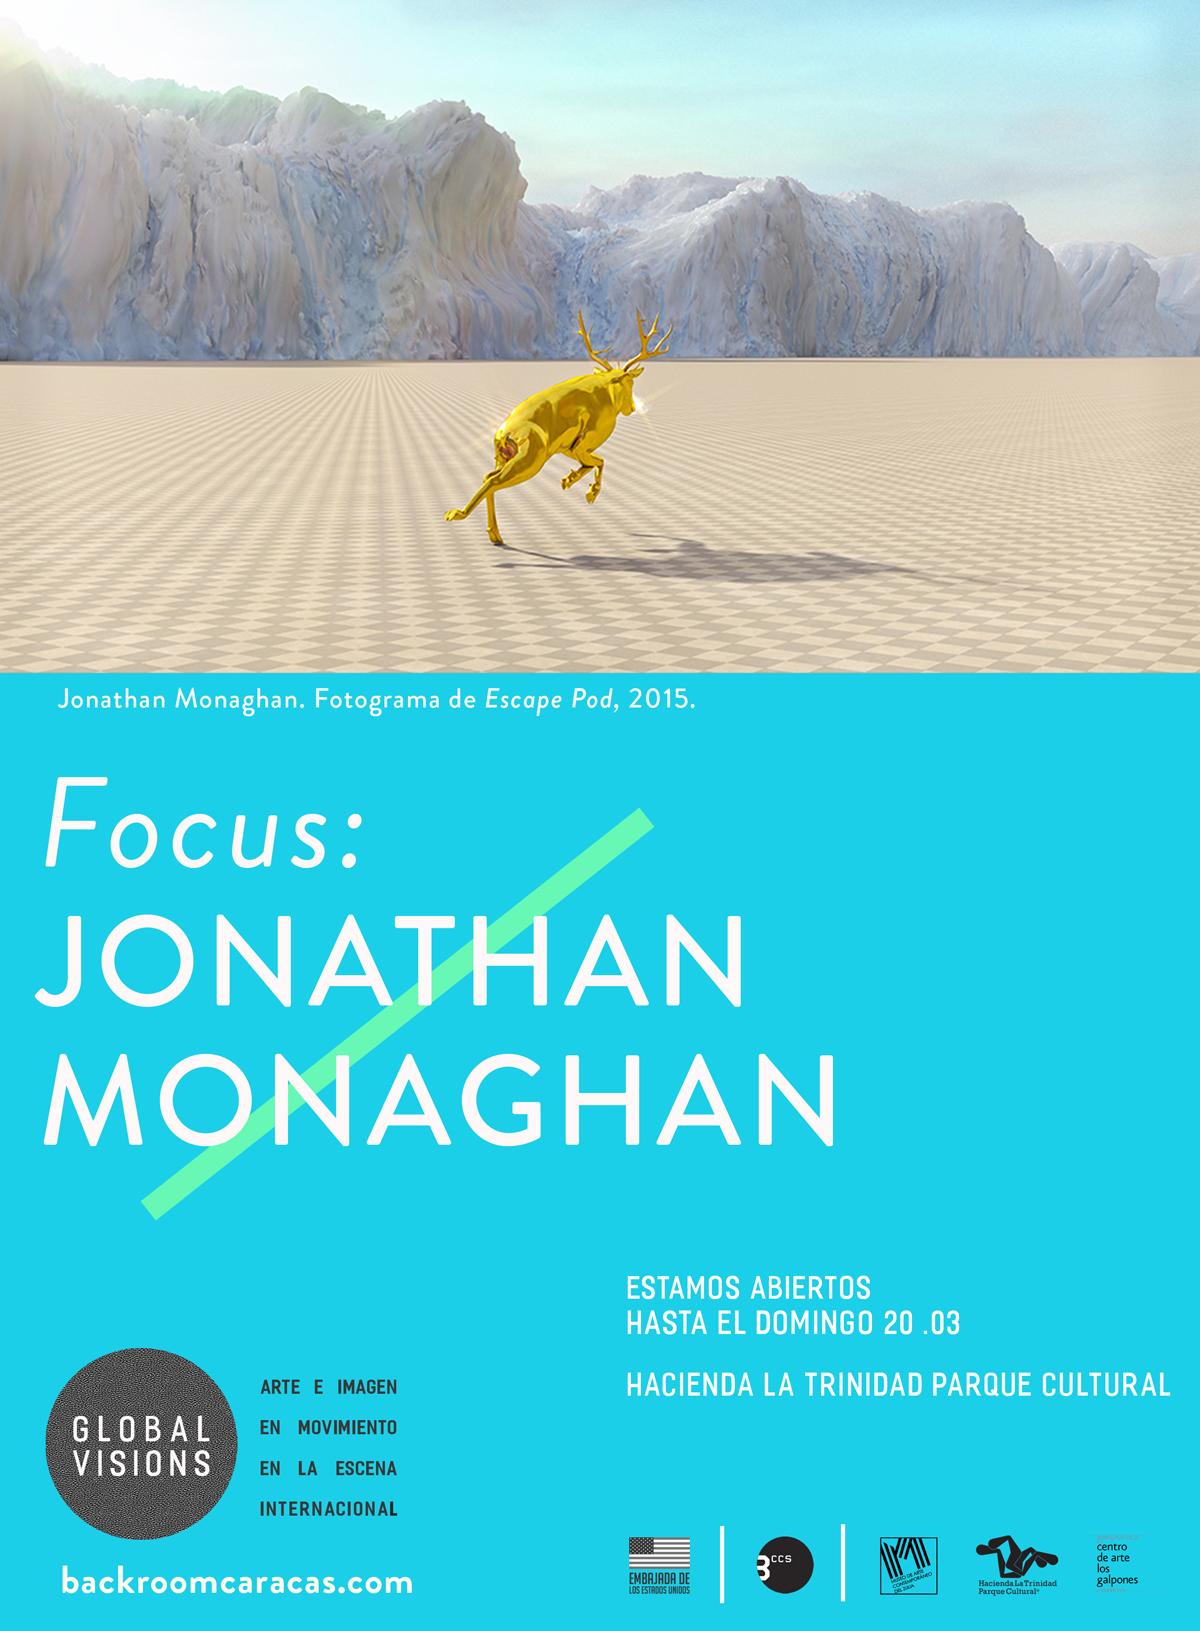 poster jonathan monaghan_logos_1200wide